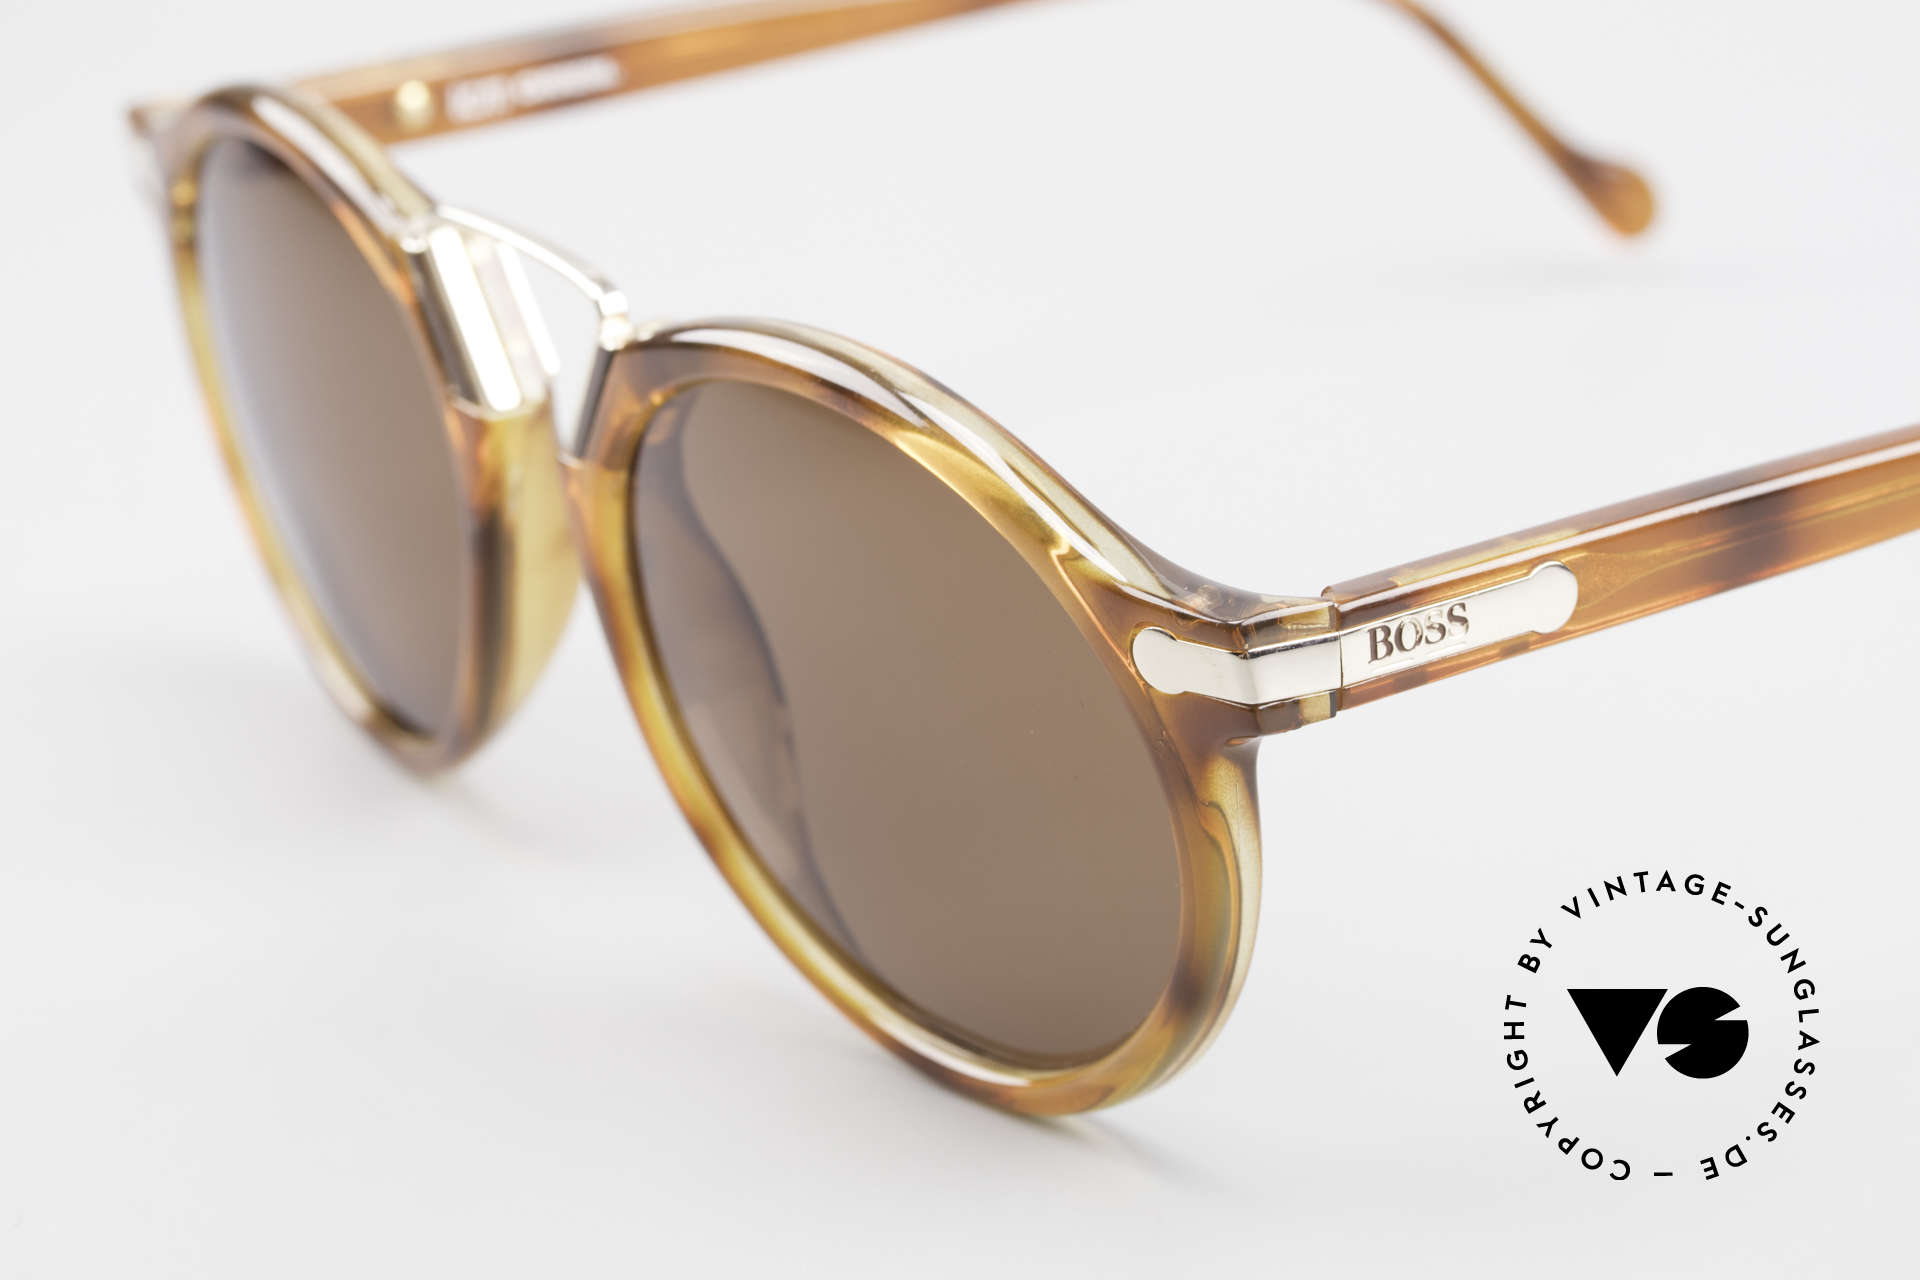 BOSS 5151 90er Panto Style Sonnenbrille, interessante Rahmen-Konstruktion im Panto-Style, Passend für Herren